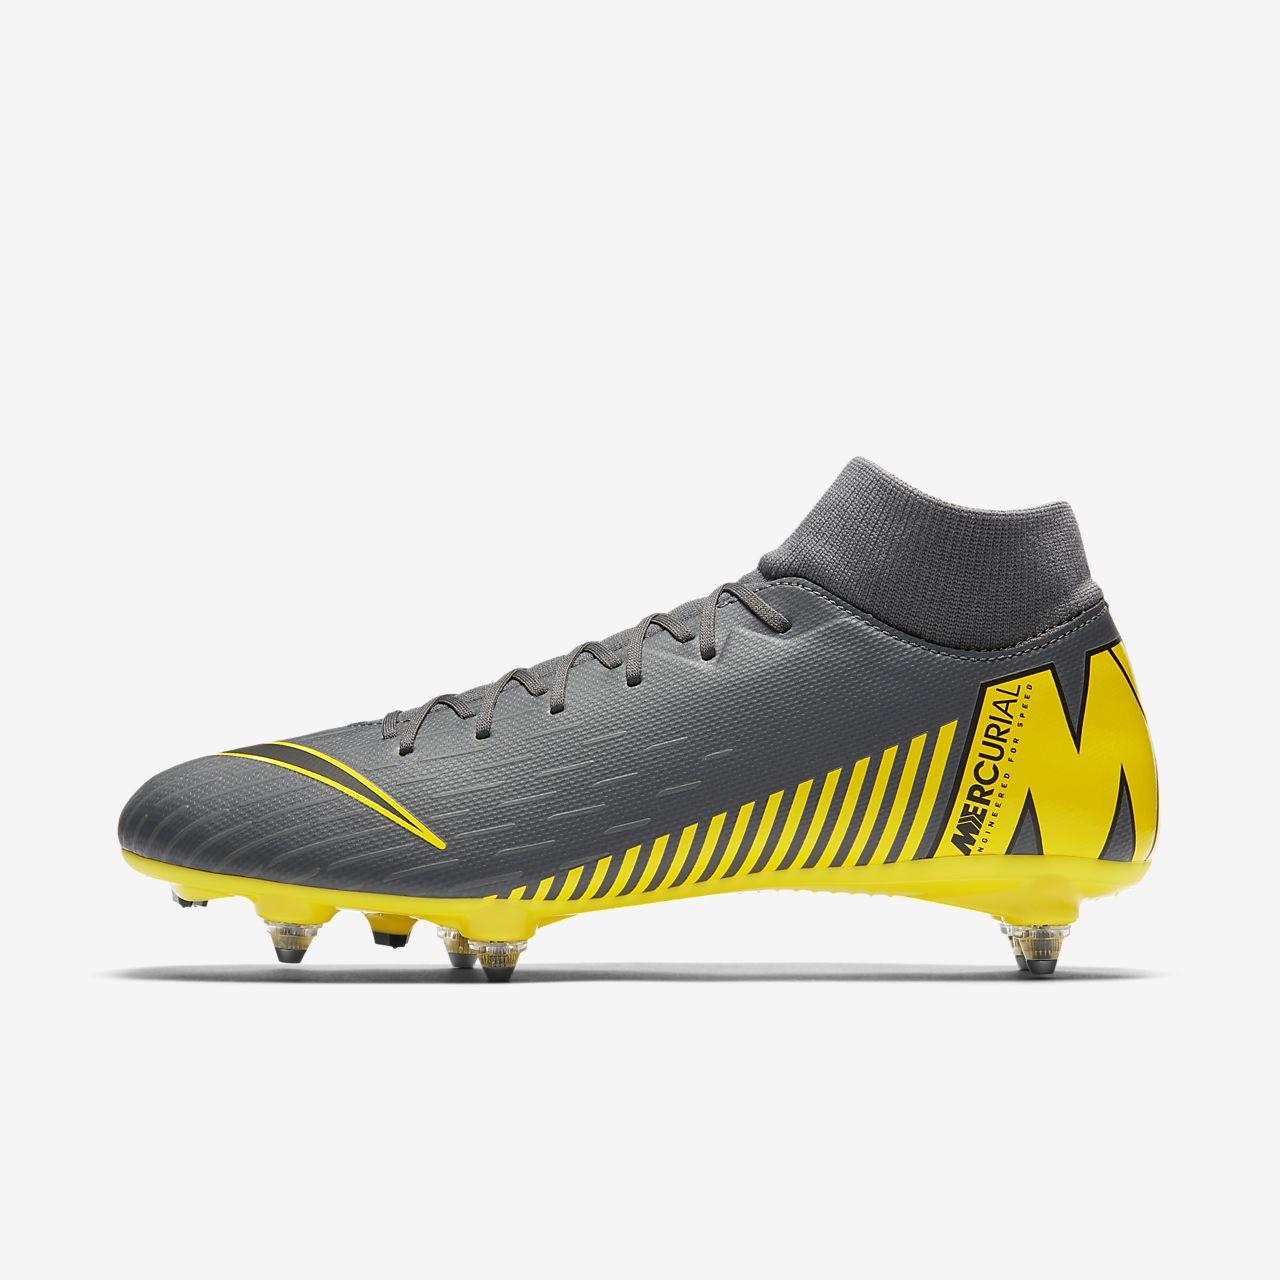 4f895ba1bf69f ... Calzado de fútbol para terreno blando Nike Mercurial Superfly VI  Academy SG-PRO